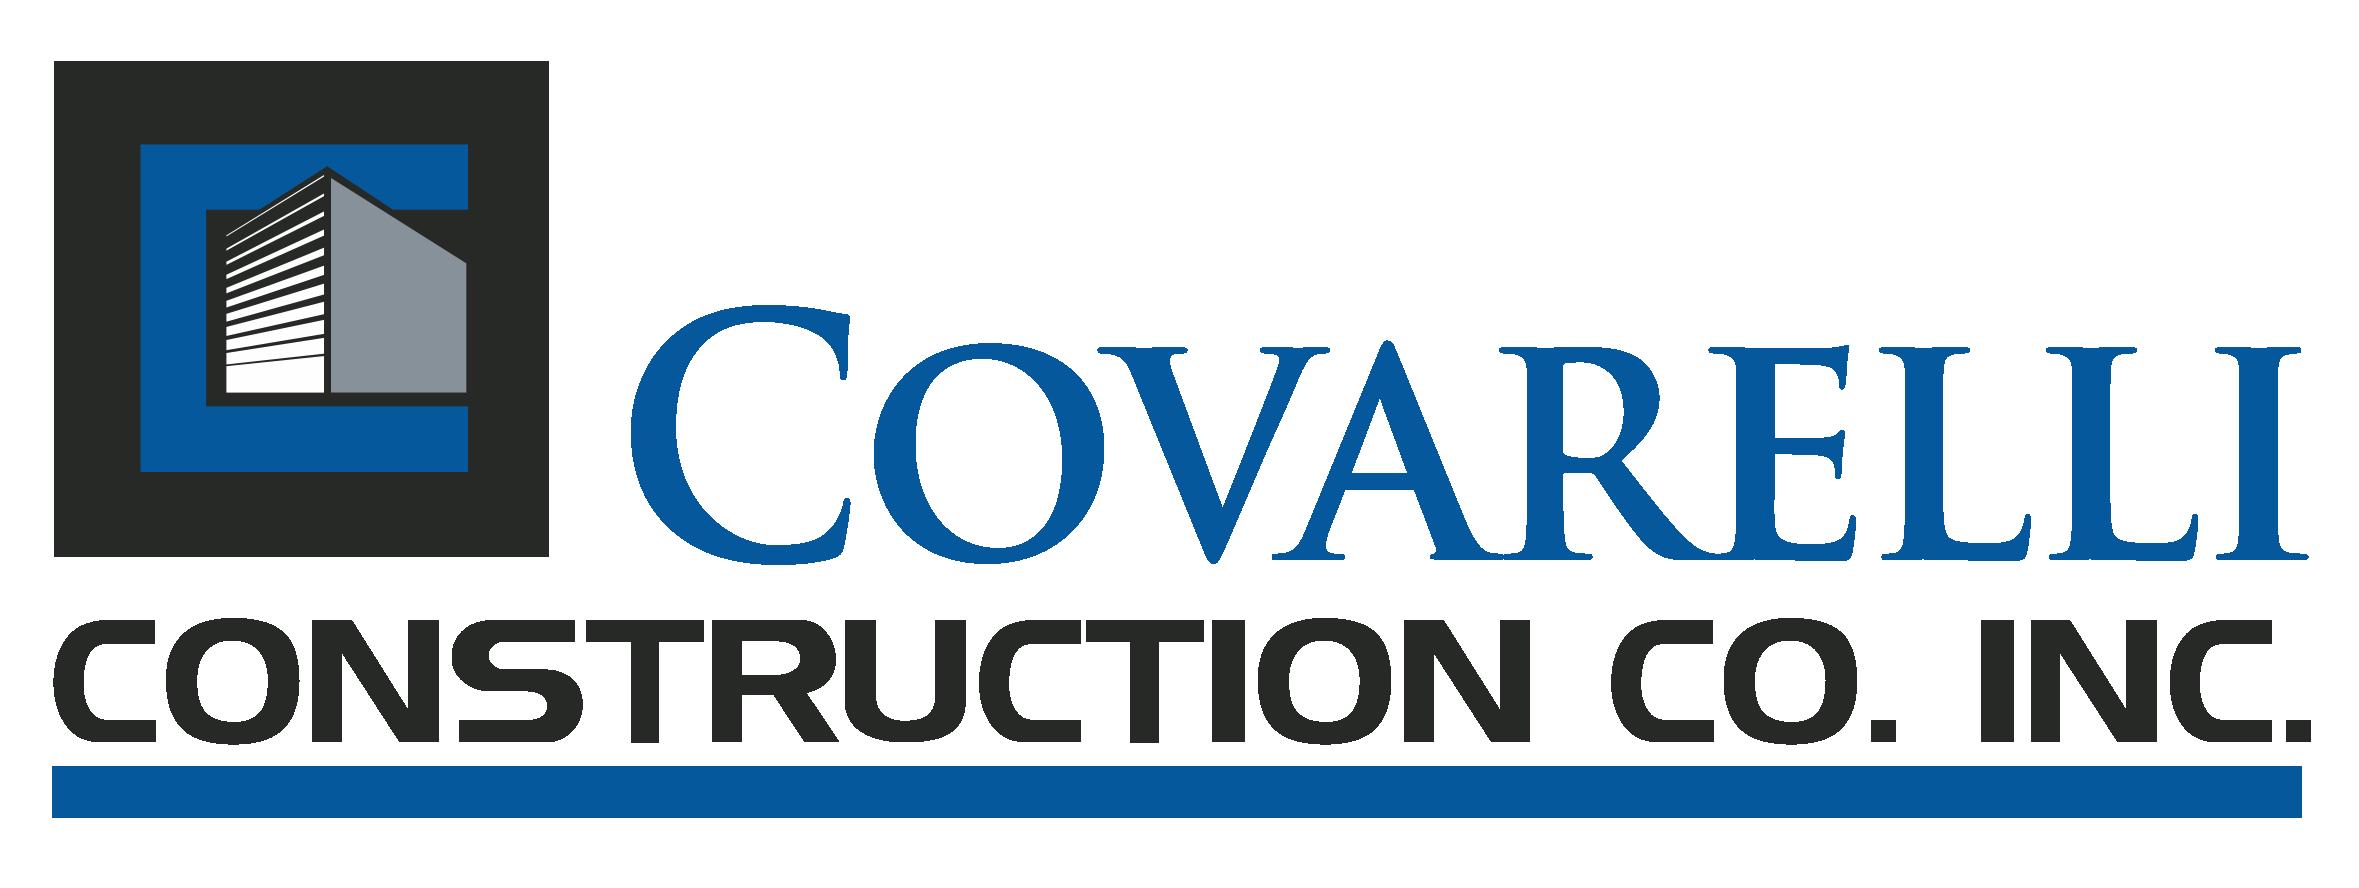 Covarelli Construction Co., Inc. logo